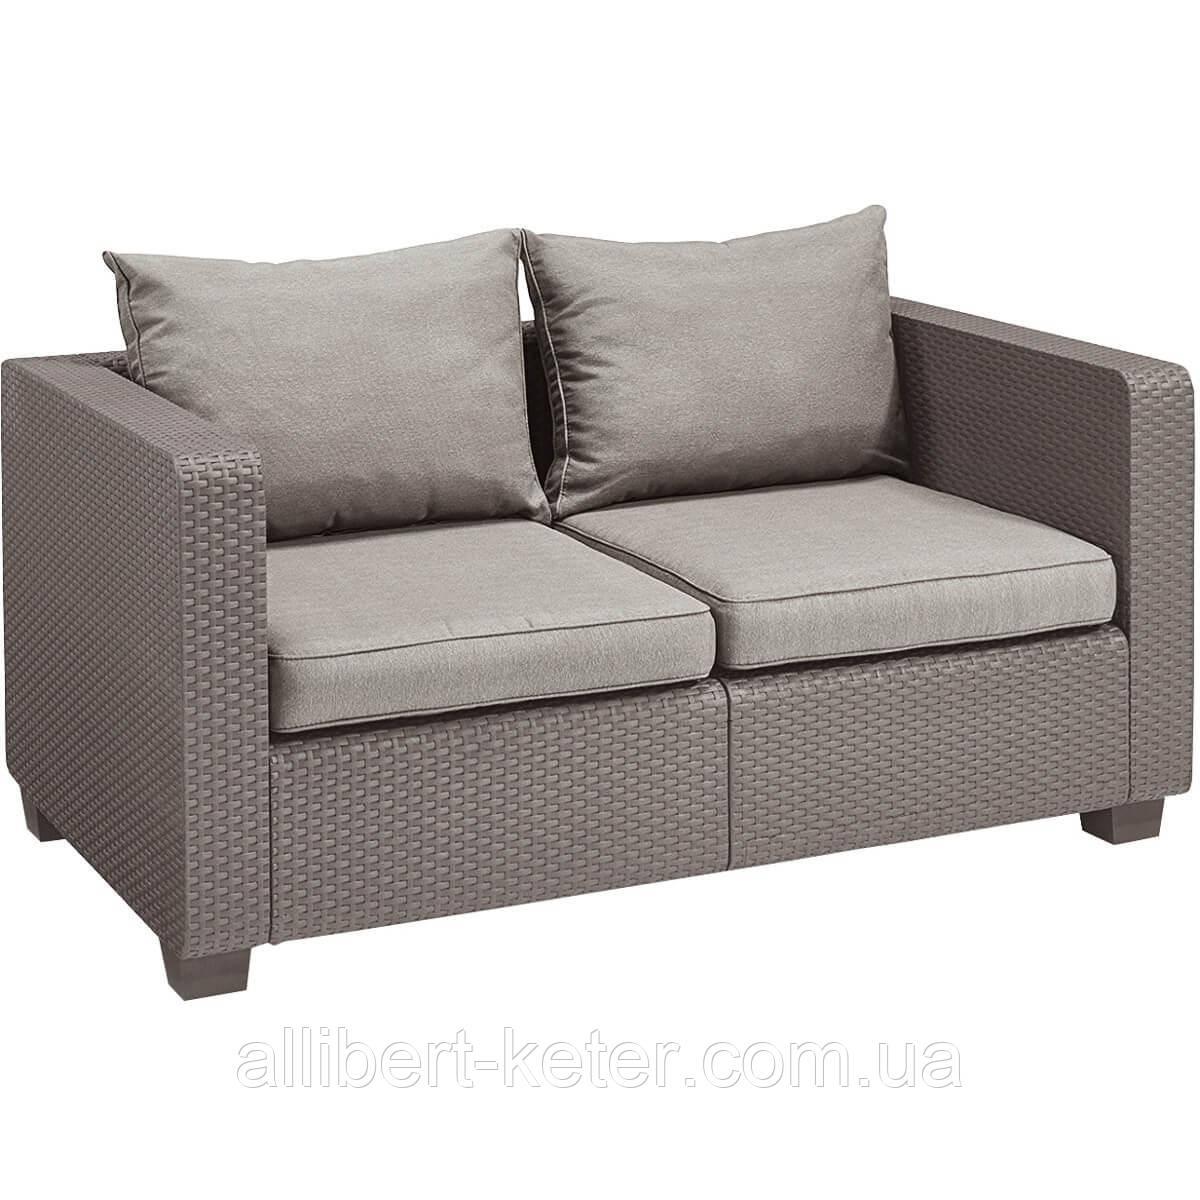 Набор садовой мебели Salta 2-Seater Sofa Cappuccino ( капучино ) из искусственного ротанга